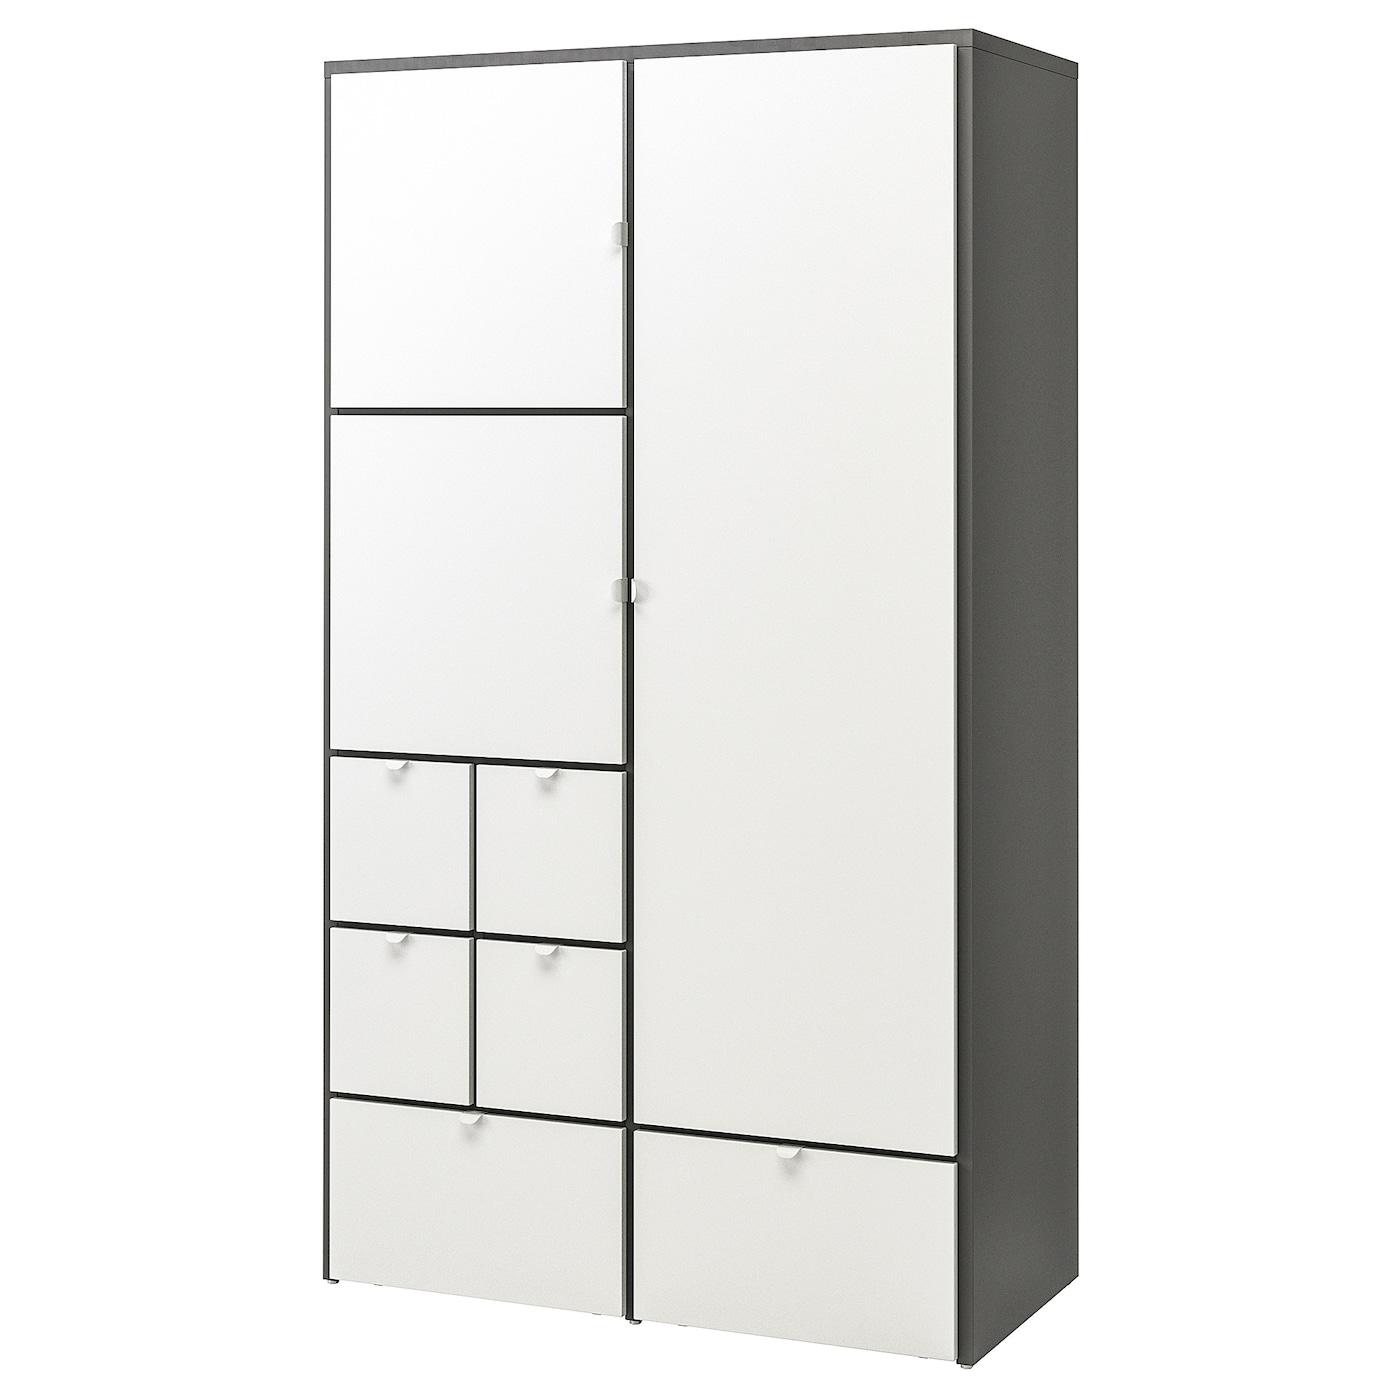 Visthus Kleiderschrank Grau Weiss Ikea Schweiz